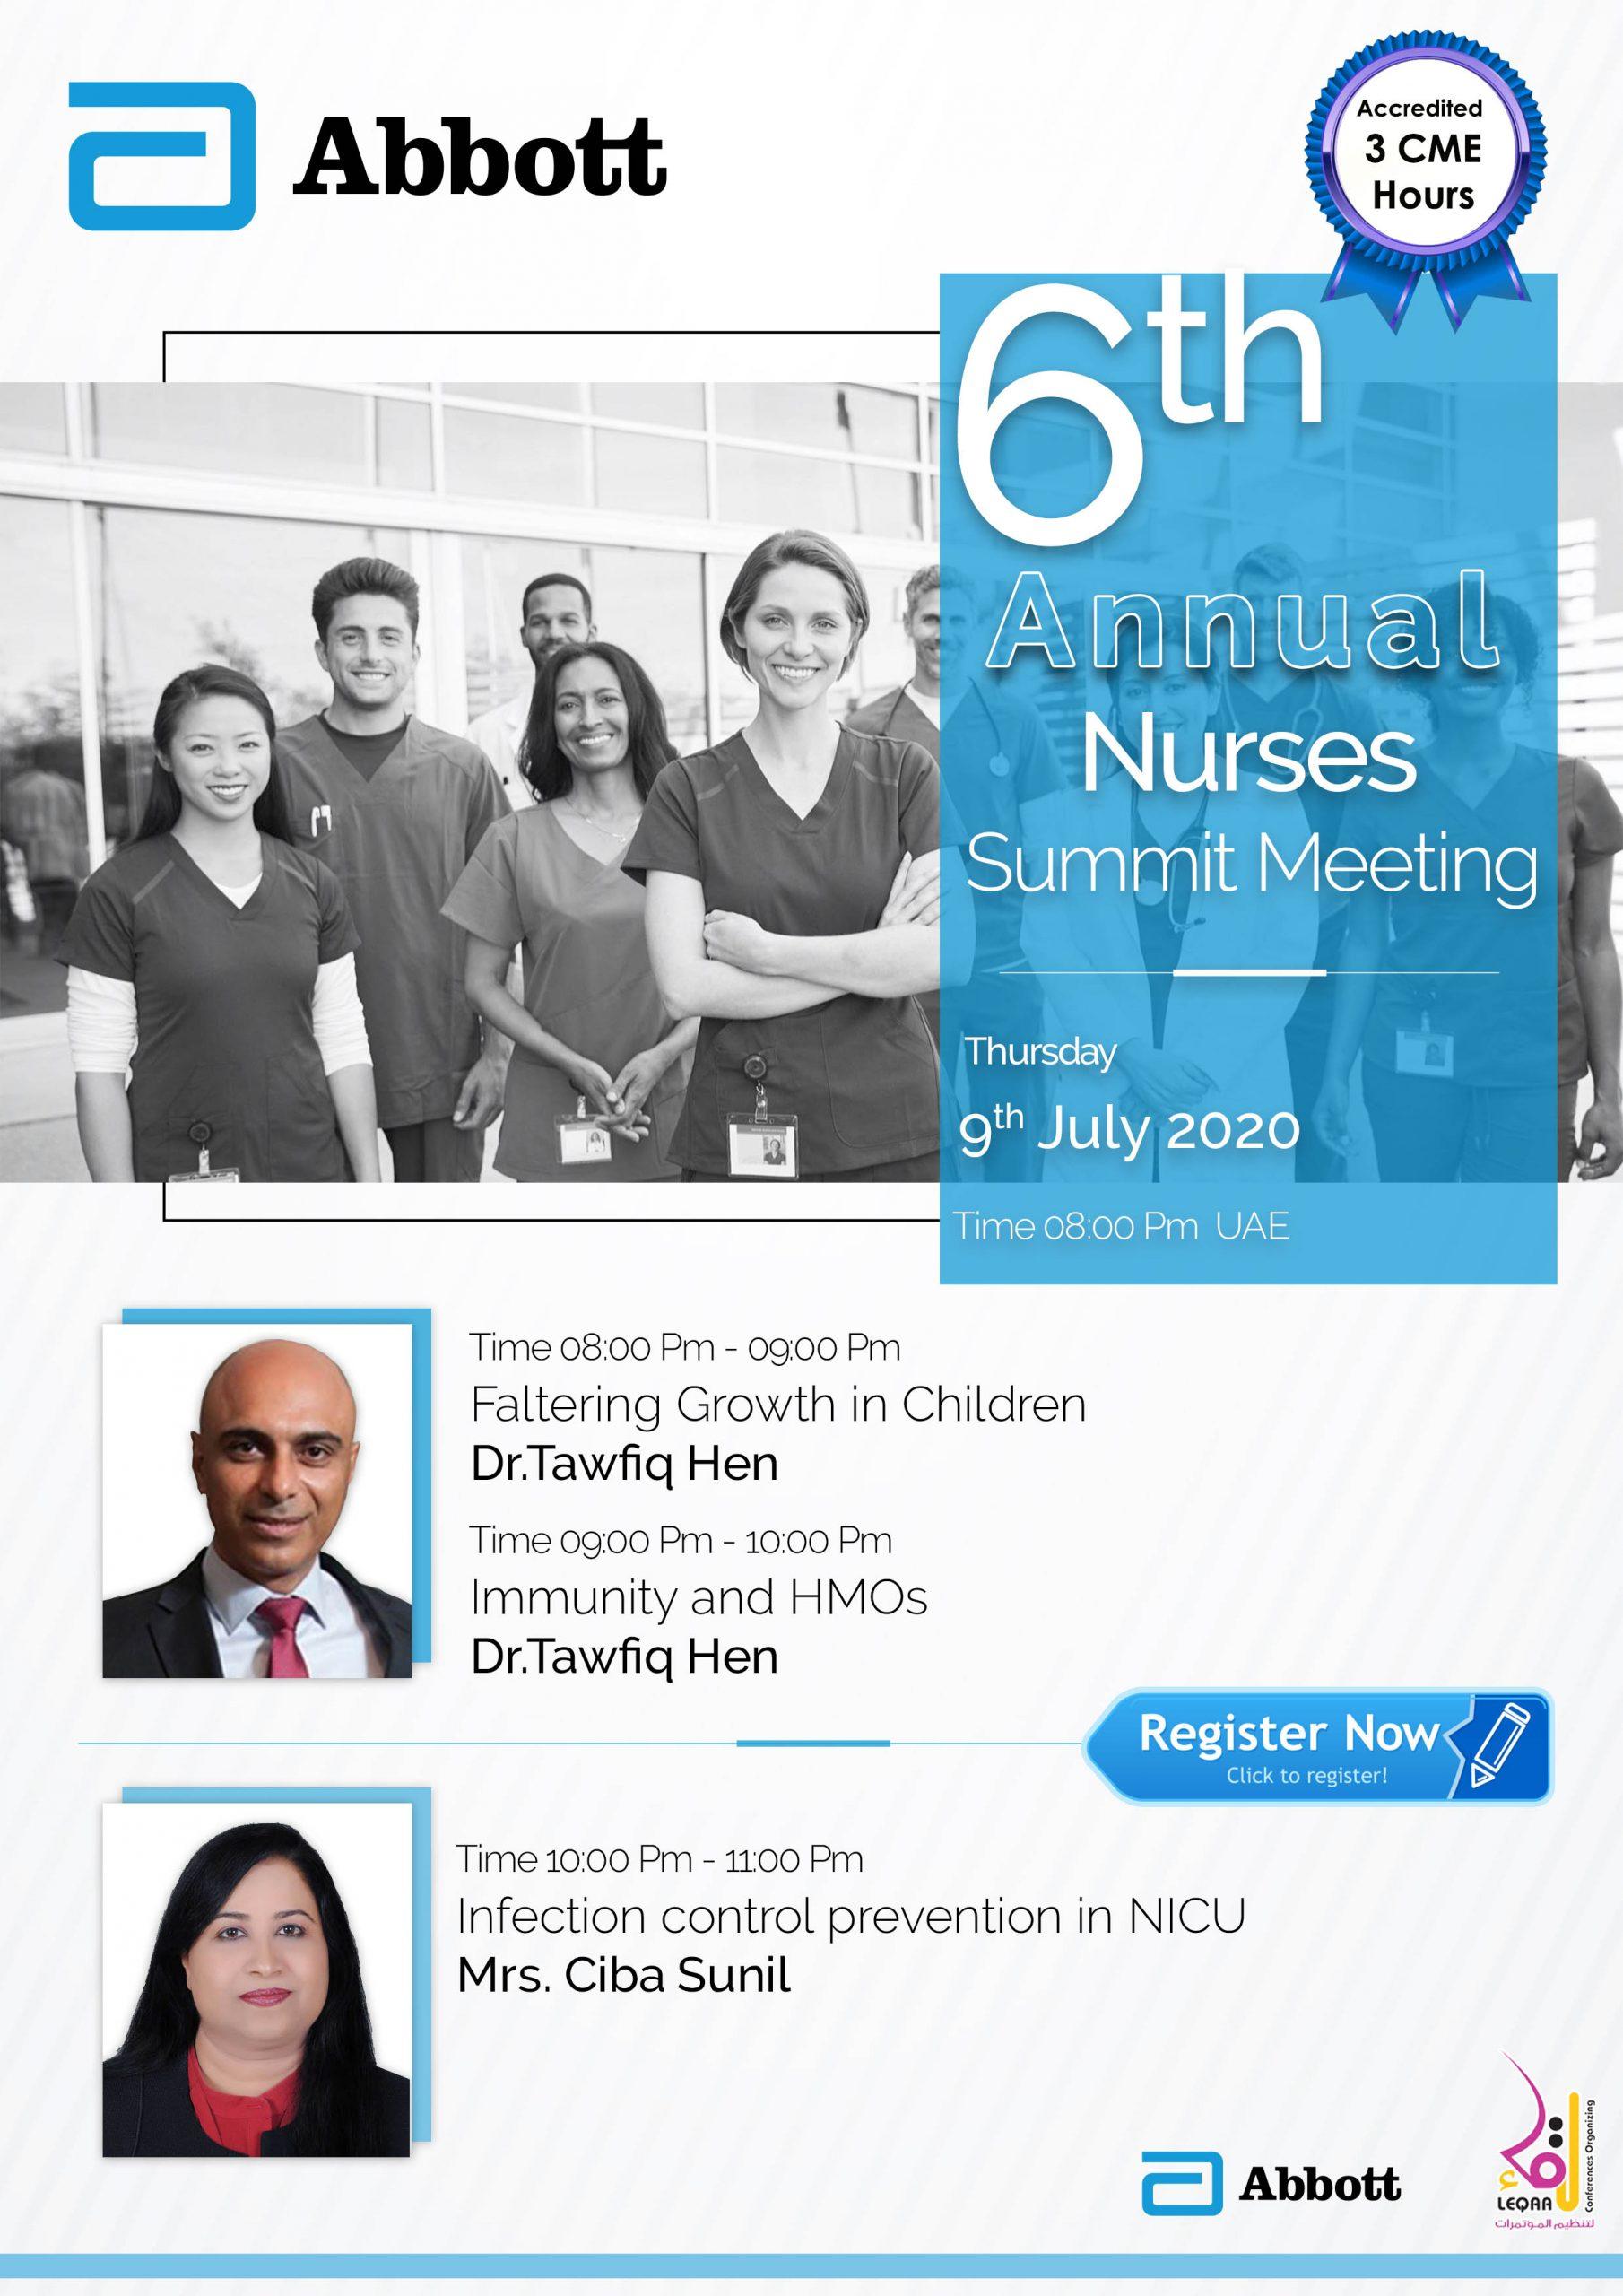 6th Annual Nurses Summit